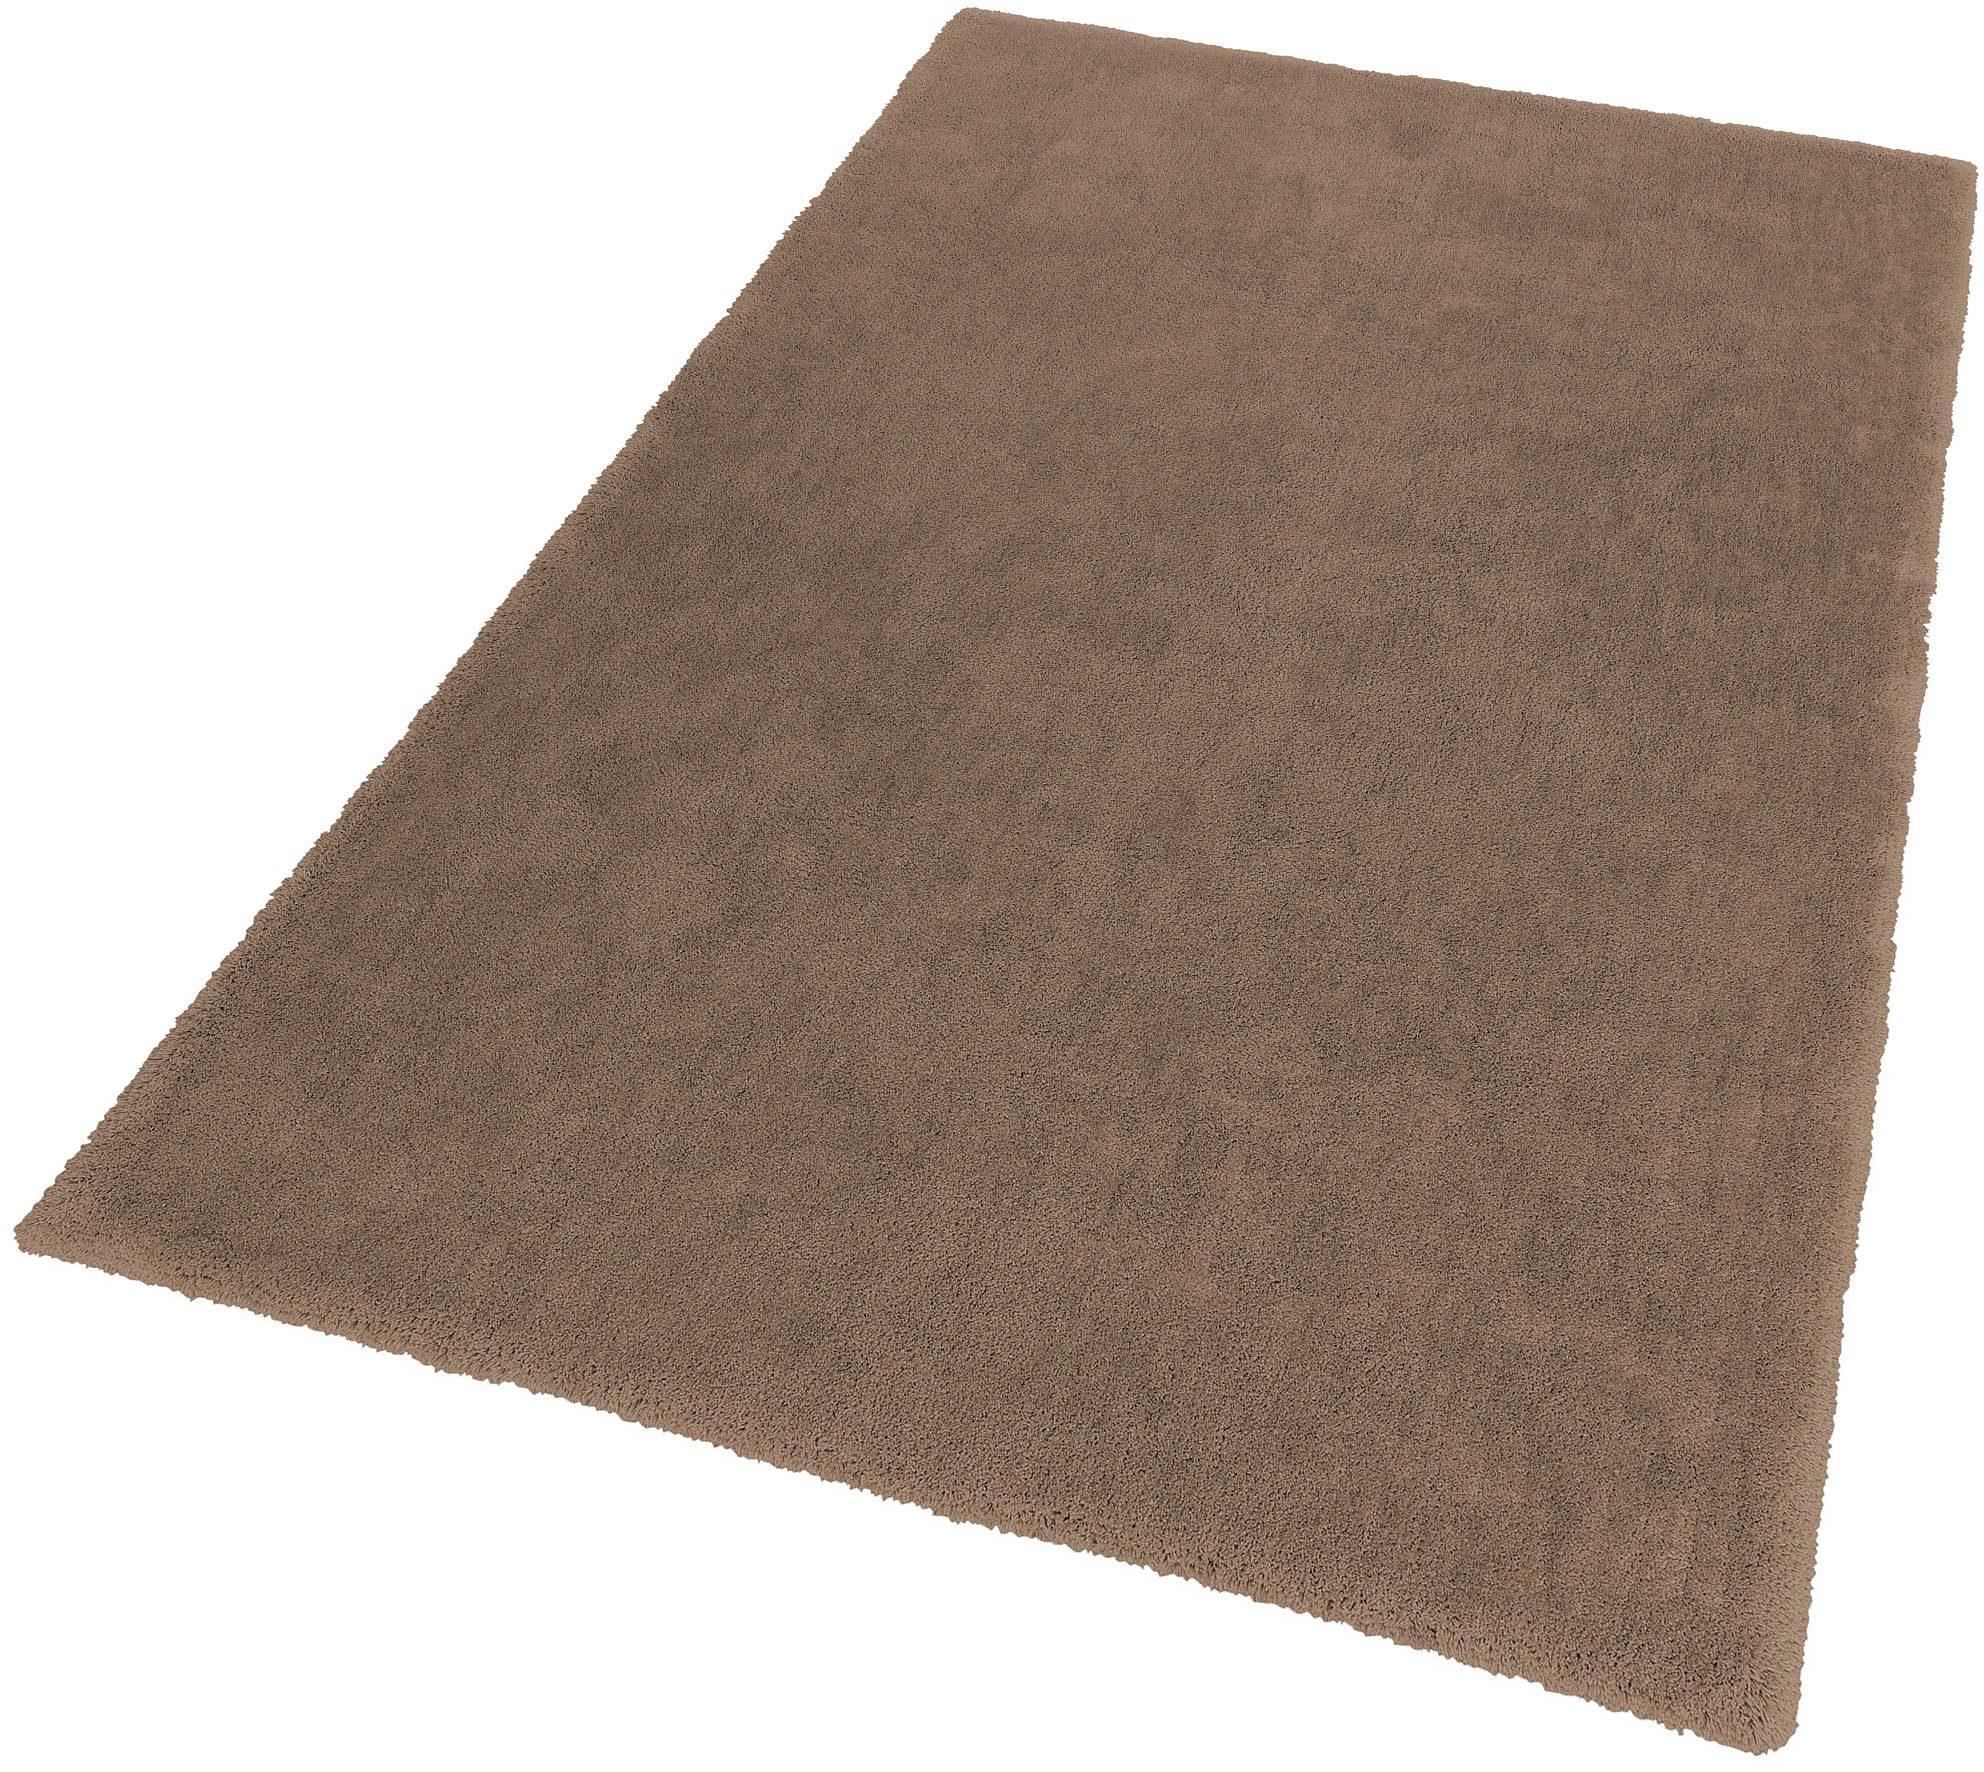 Hochflor-Teppich Vitality SCHÖNER WOHNEN-Kollektion rechteckig Höhe 30 mm